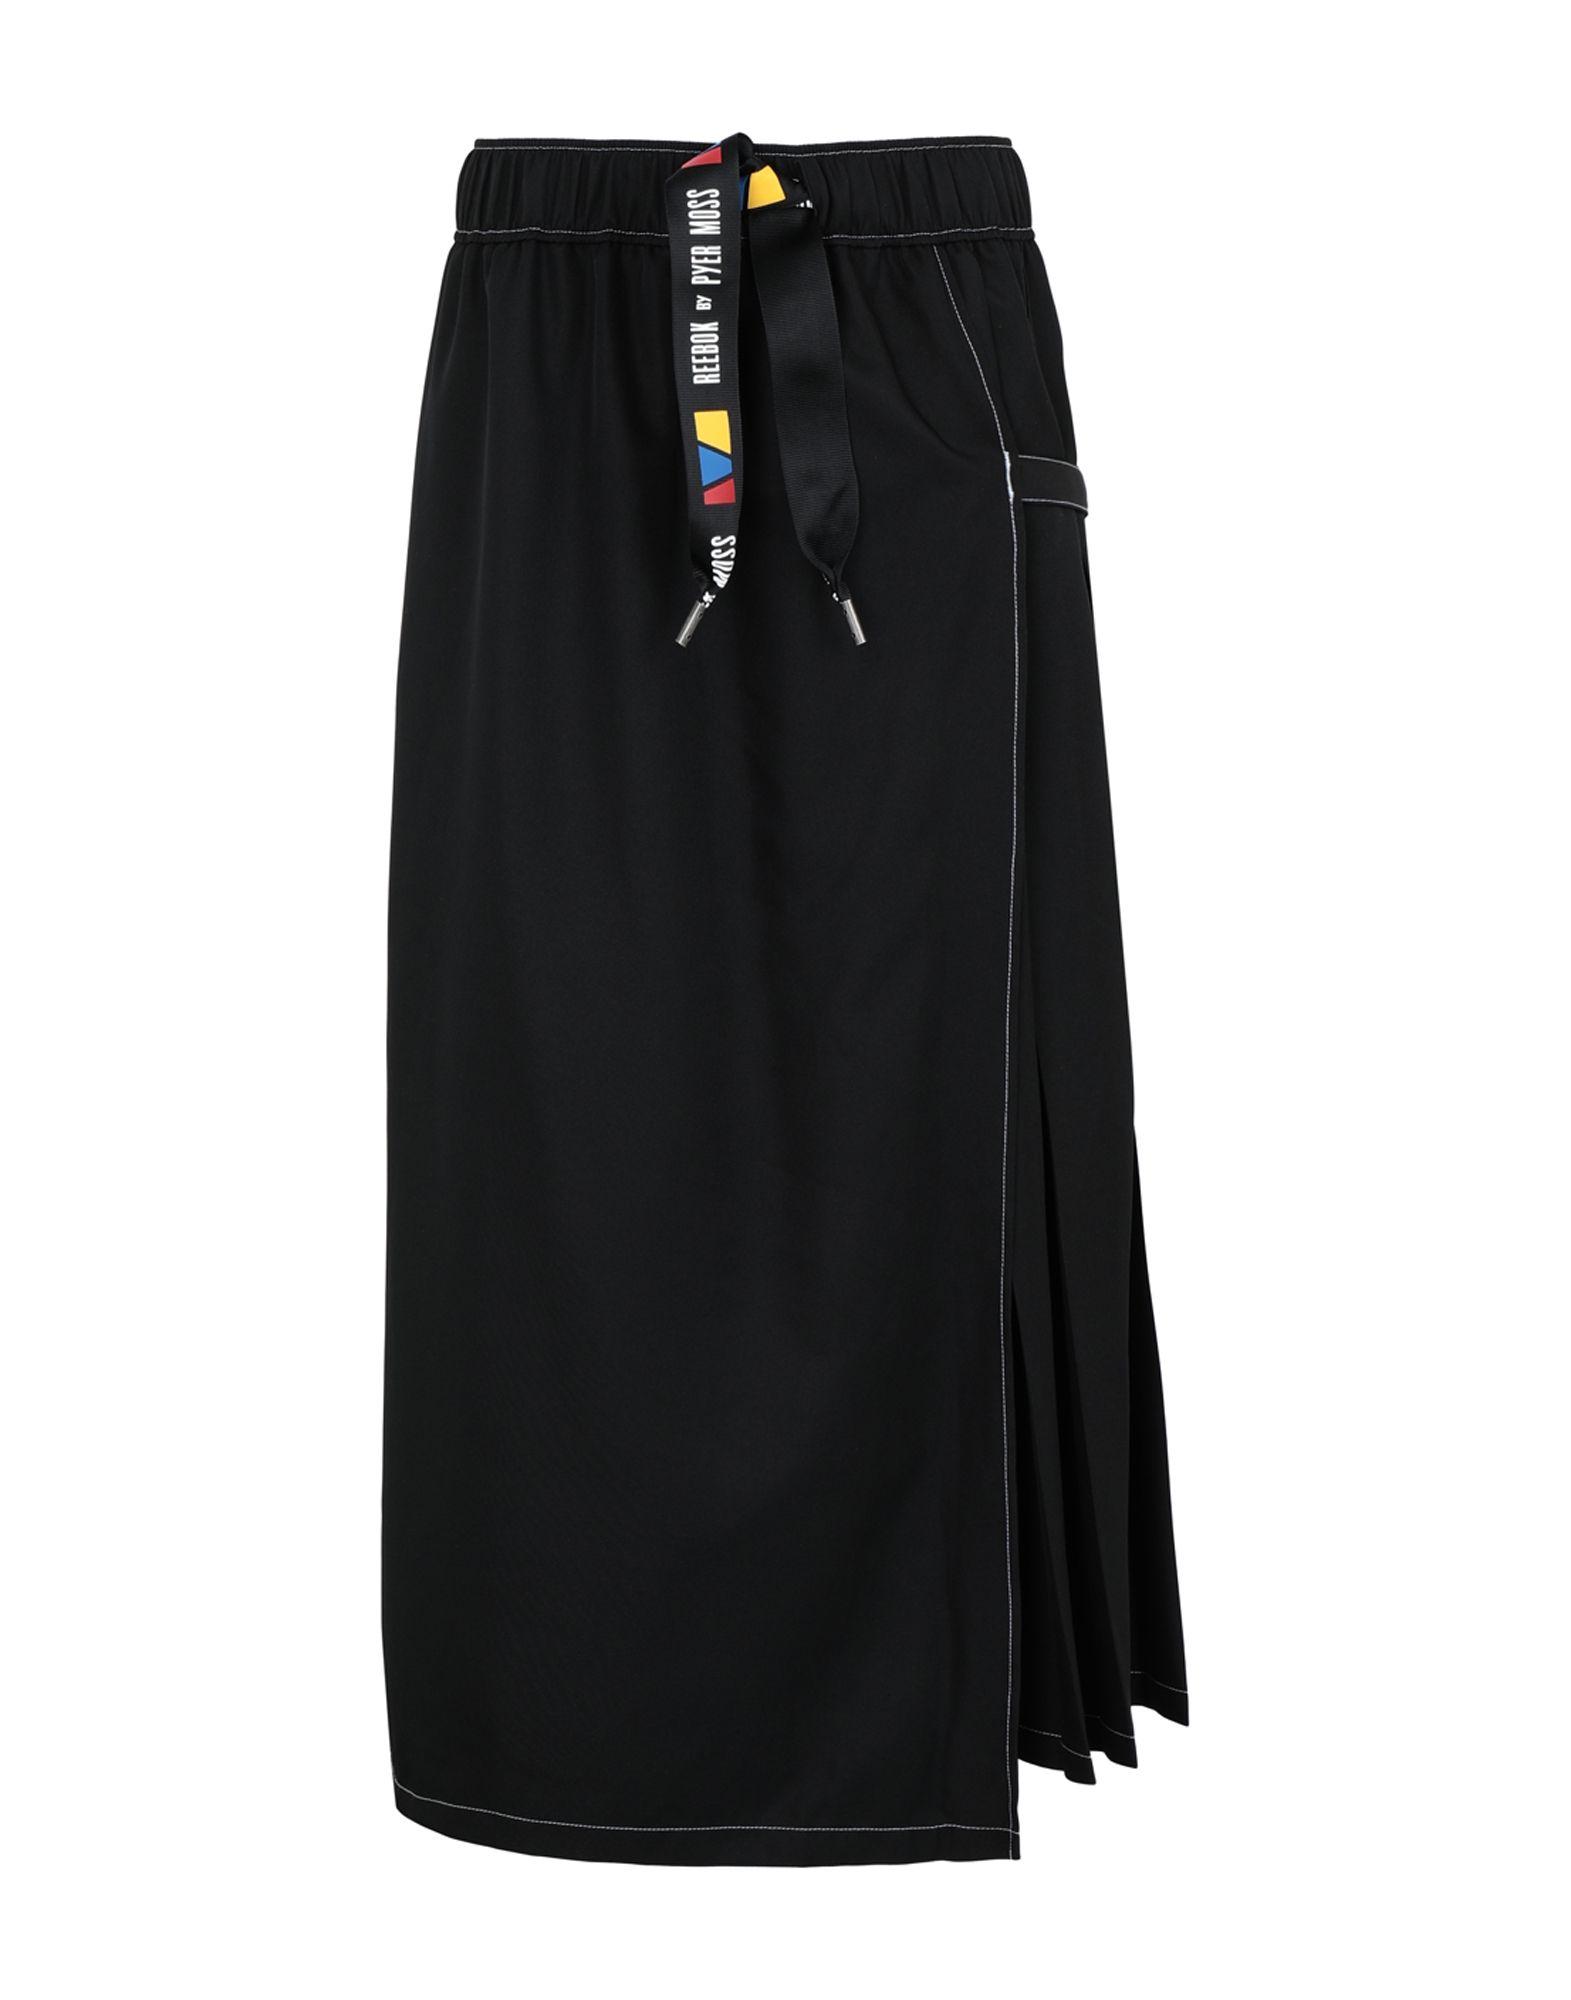 《送料無料》REEBOK x PYER MOSS レディース ロングスカート ブラック XXS ポリエステル 100% RCxPM RING SKIRT